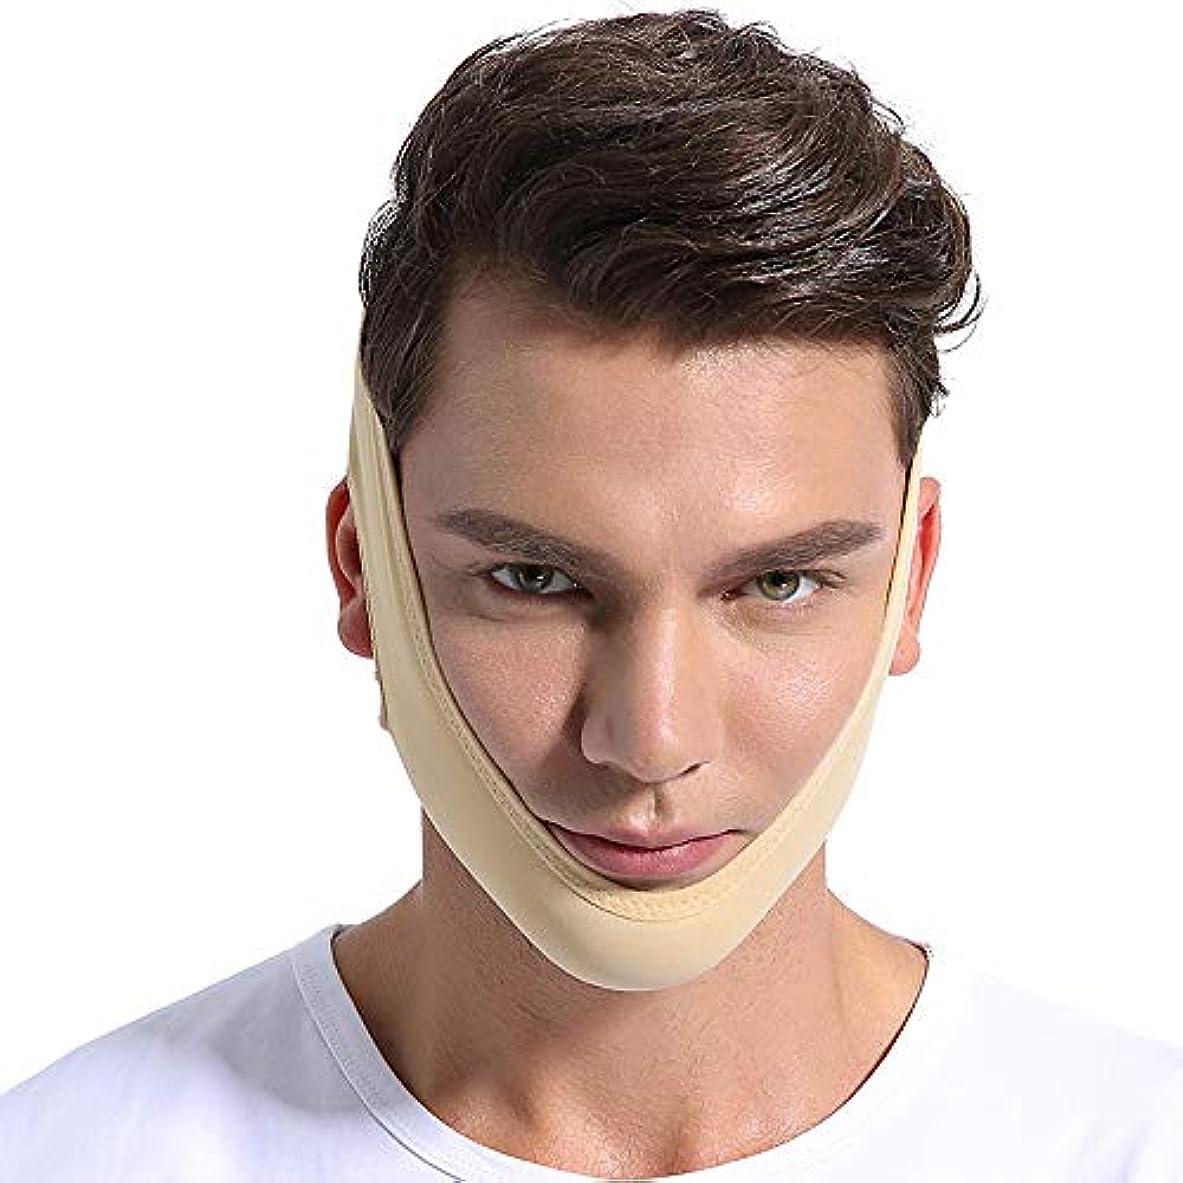 ずらす視聴者忠誠顔面持ち上げ用具、Vフェイスの薄い顔の包帯顔面マッサージ器リフティングパッキングマスク,L